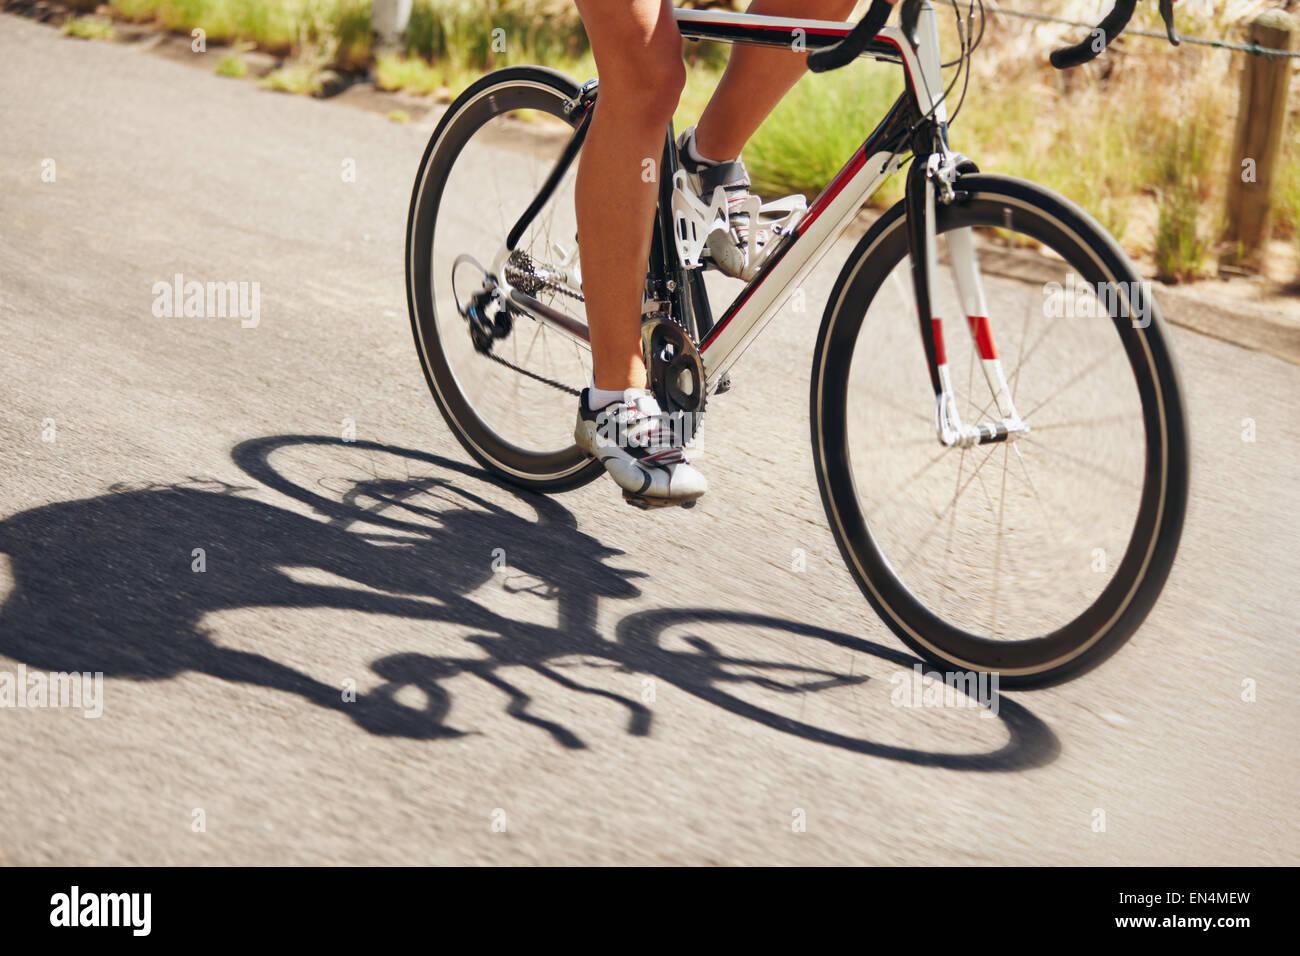 La section basse image de woman riding bicycle on country road. Portrait de l'athlète féminine de cyclisme. Photo Banque D'Images